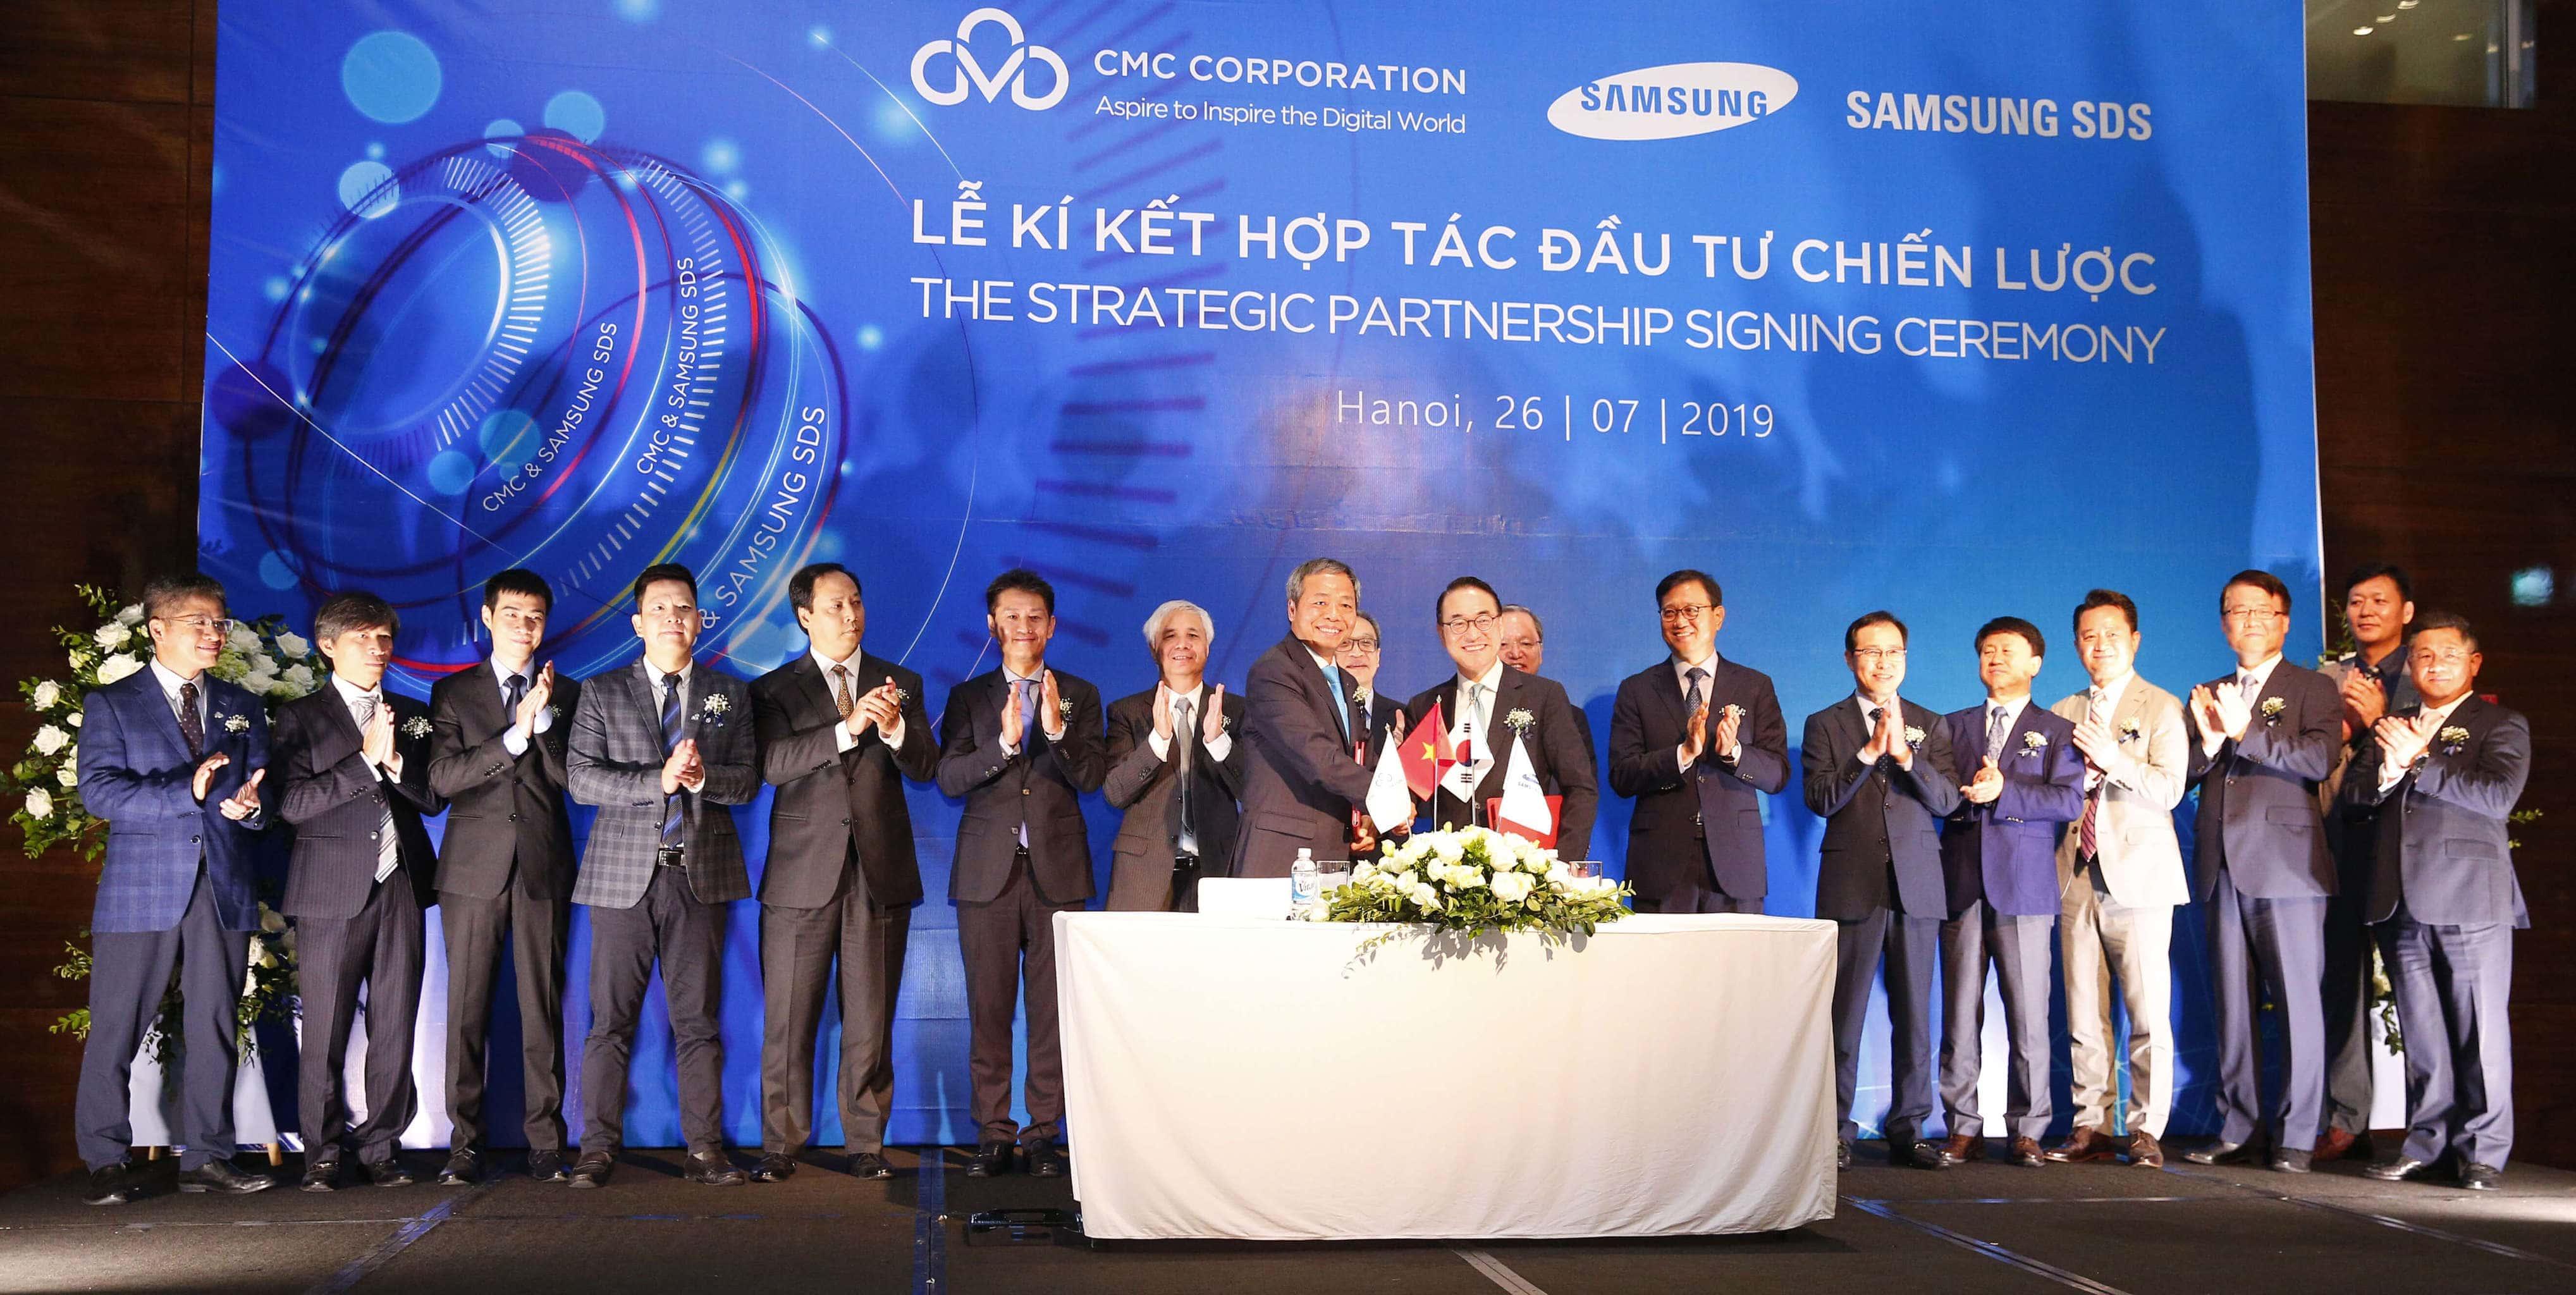 Blockchain-Förderung: Samsung SDS kooperiert mit vietnamesischem Telekommunikationskonzern